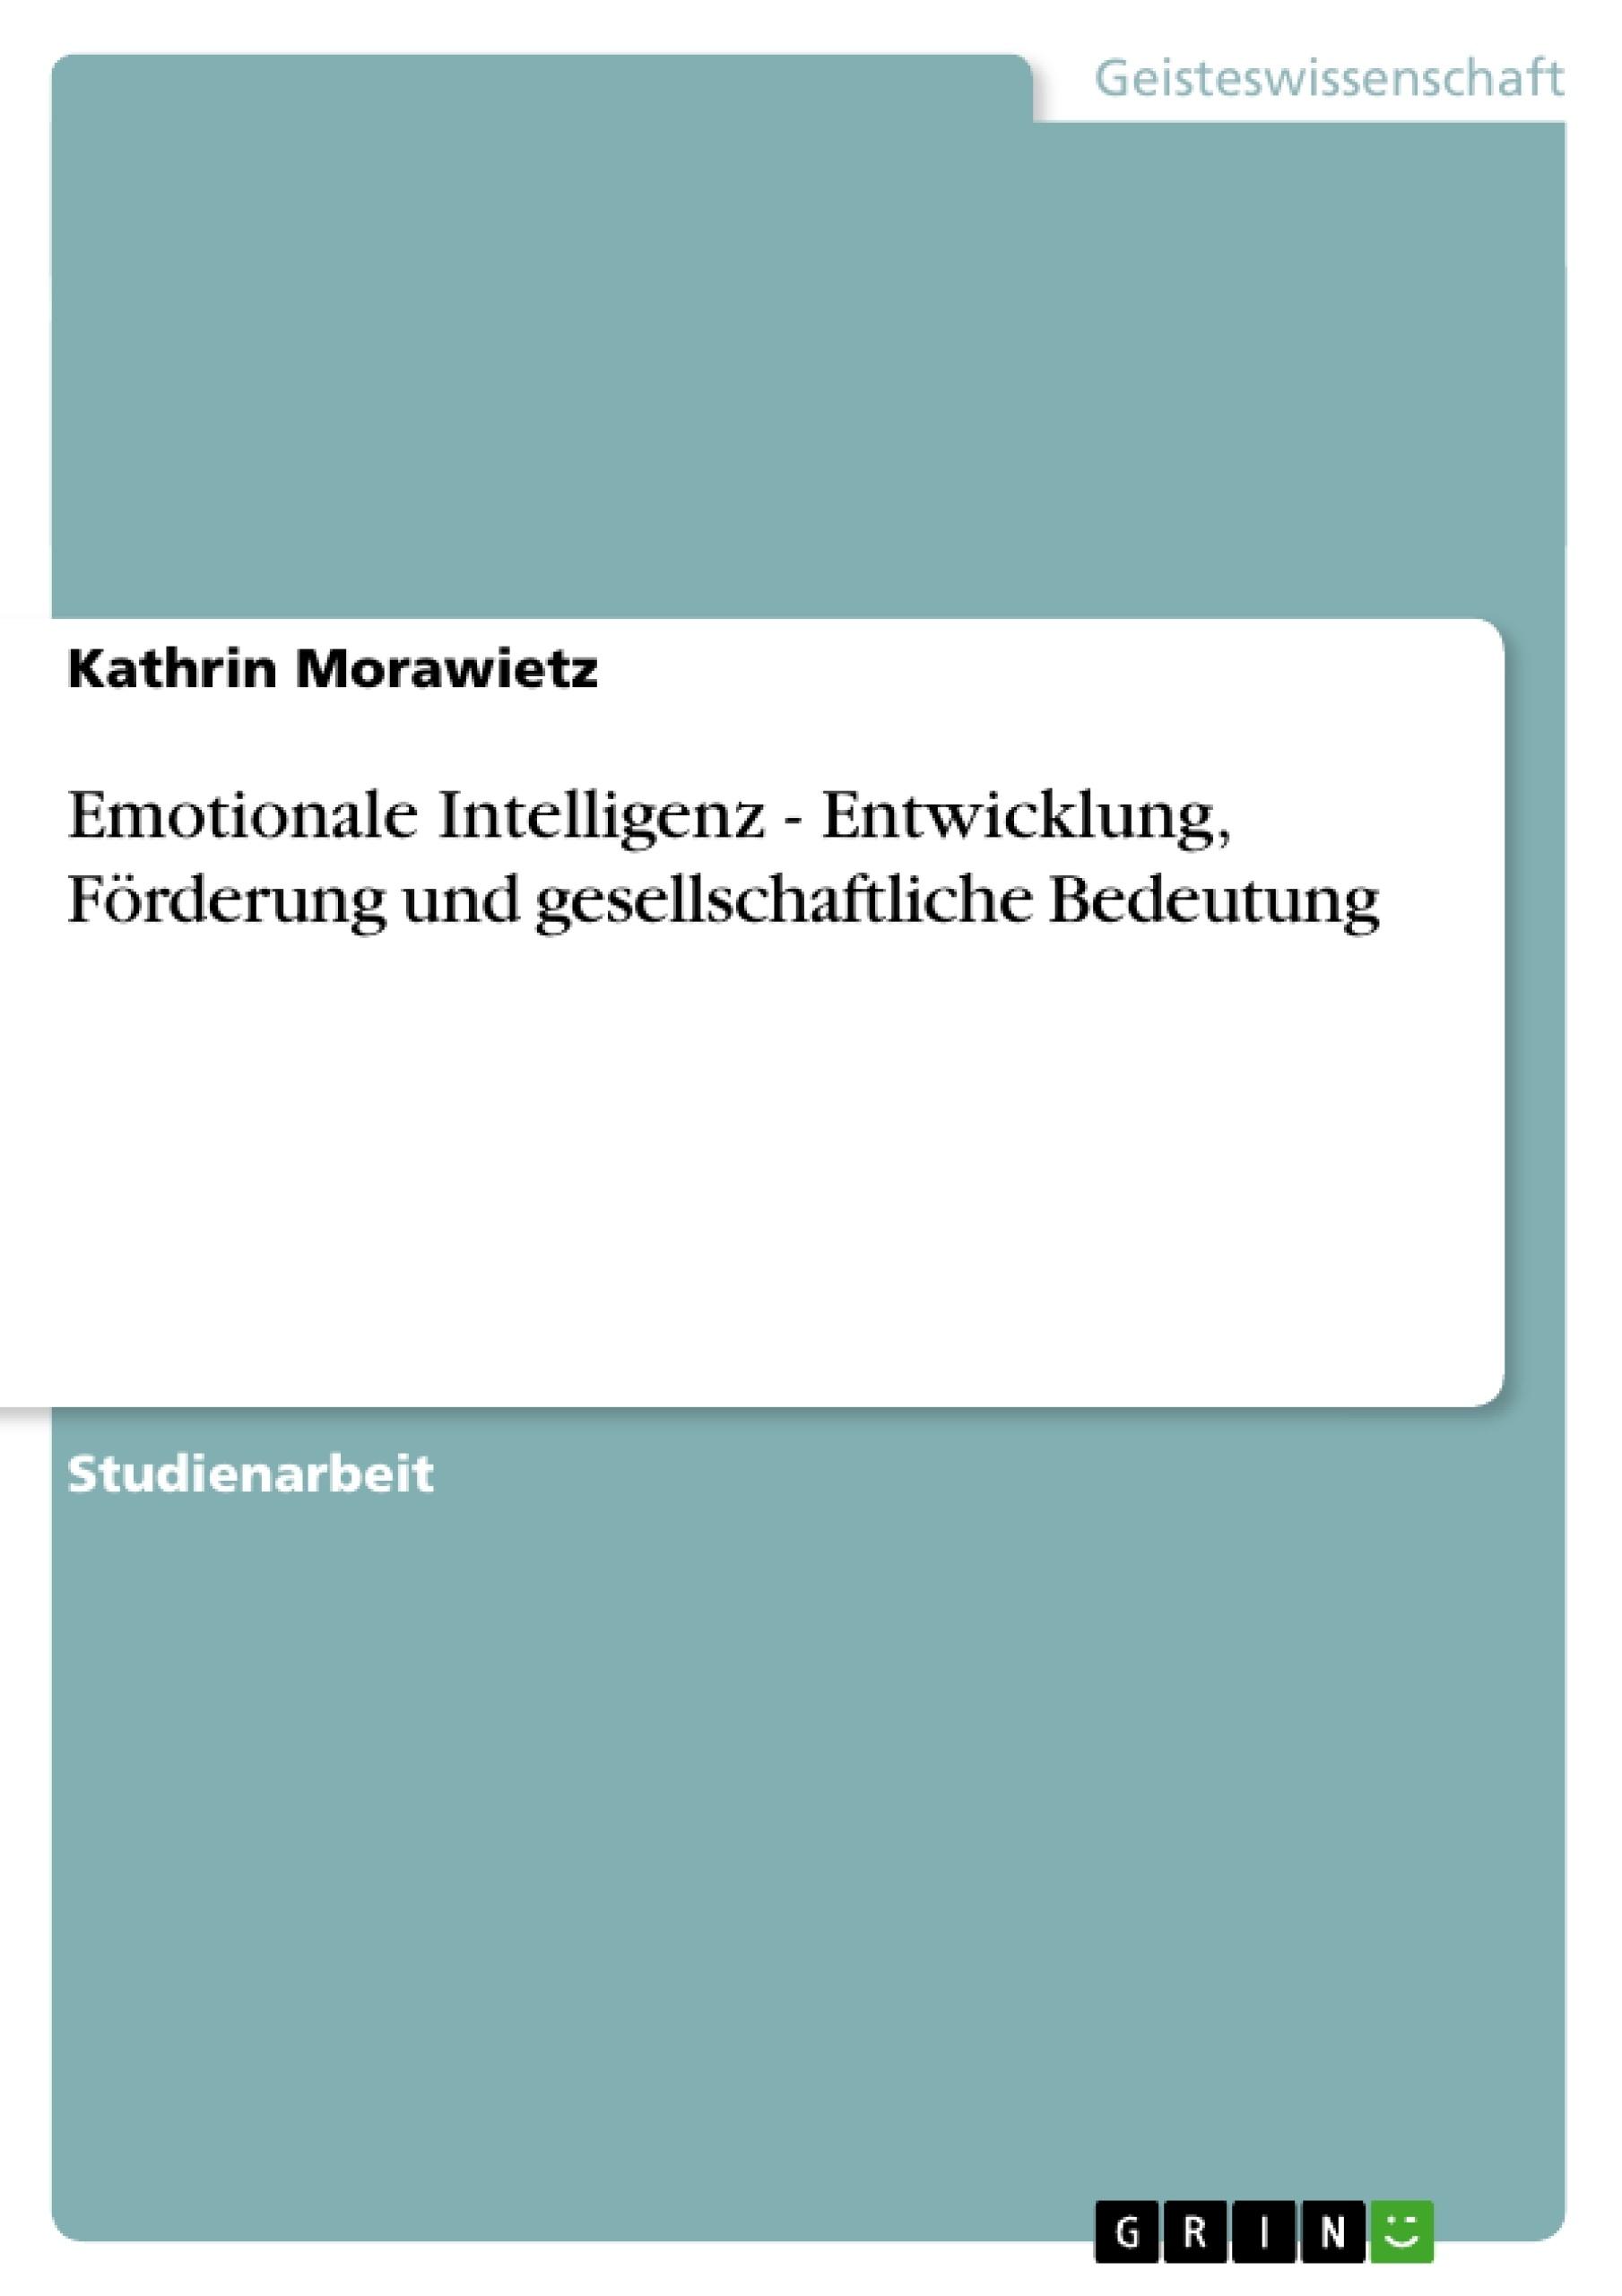 Titel: Emotionale Intelligenz - Entwicklung, Förderung und gesellschaftliche Bedeutung